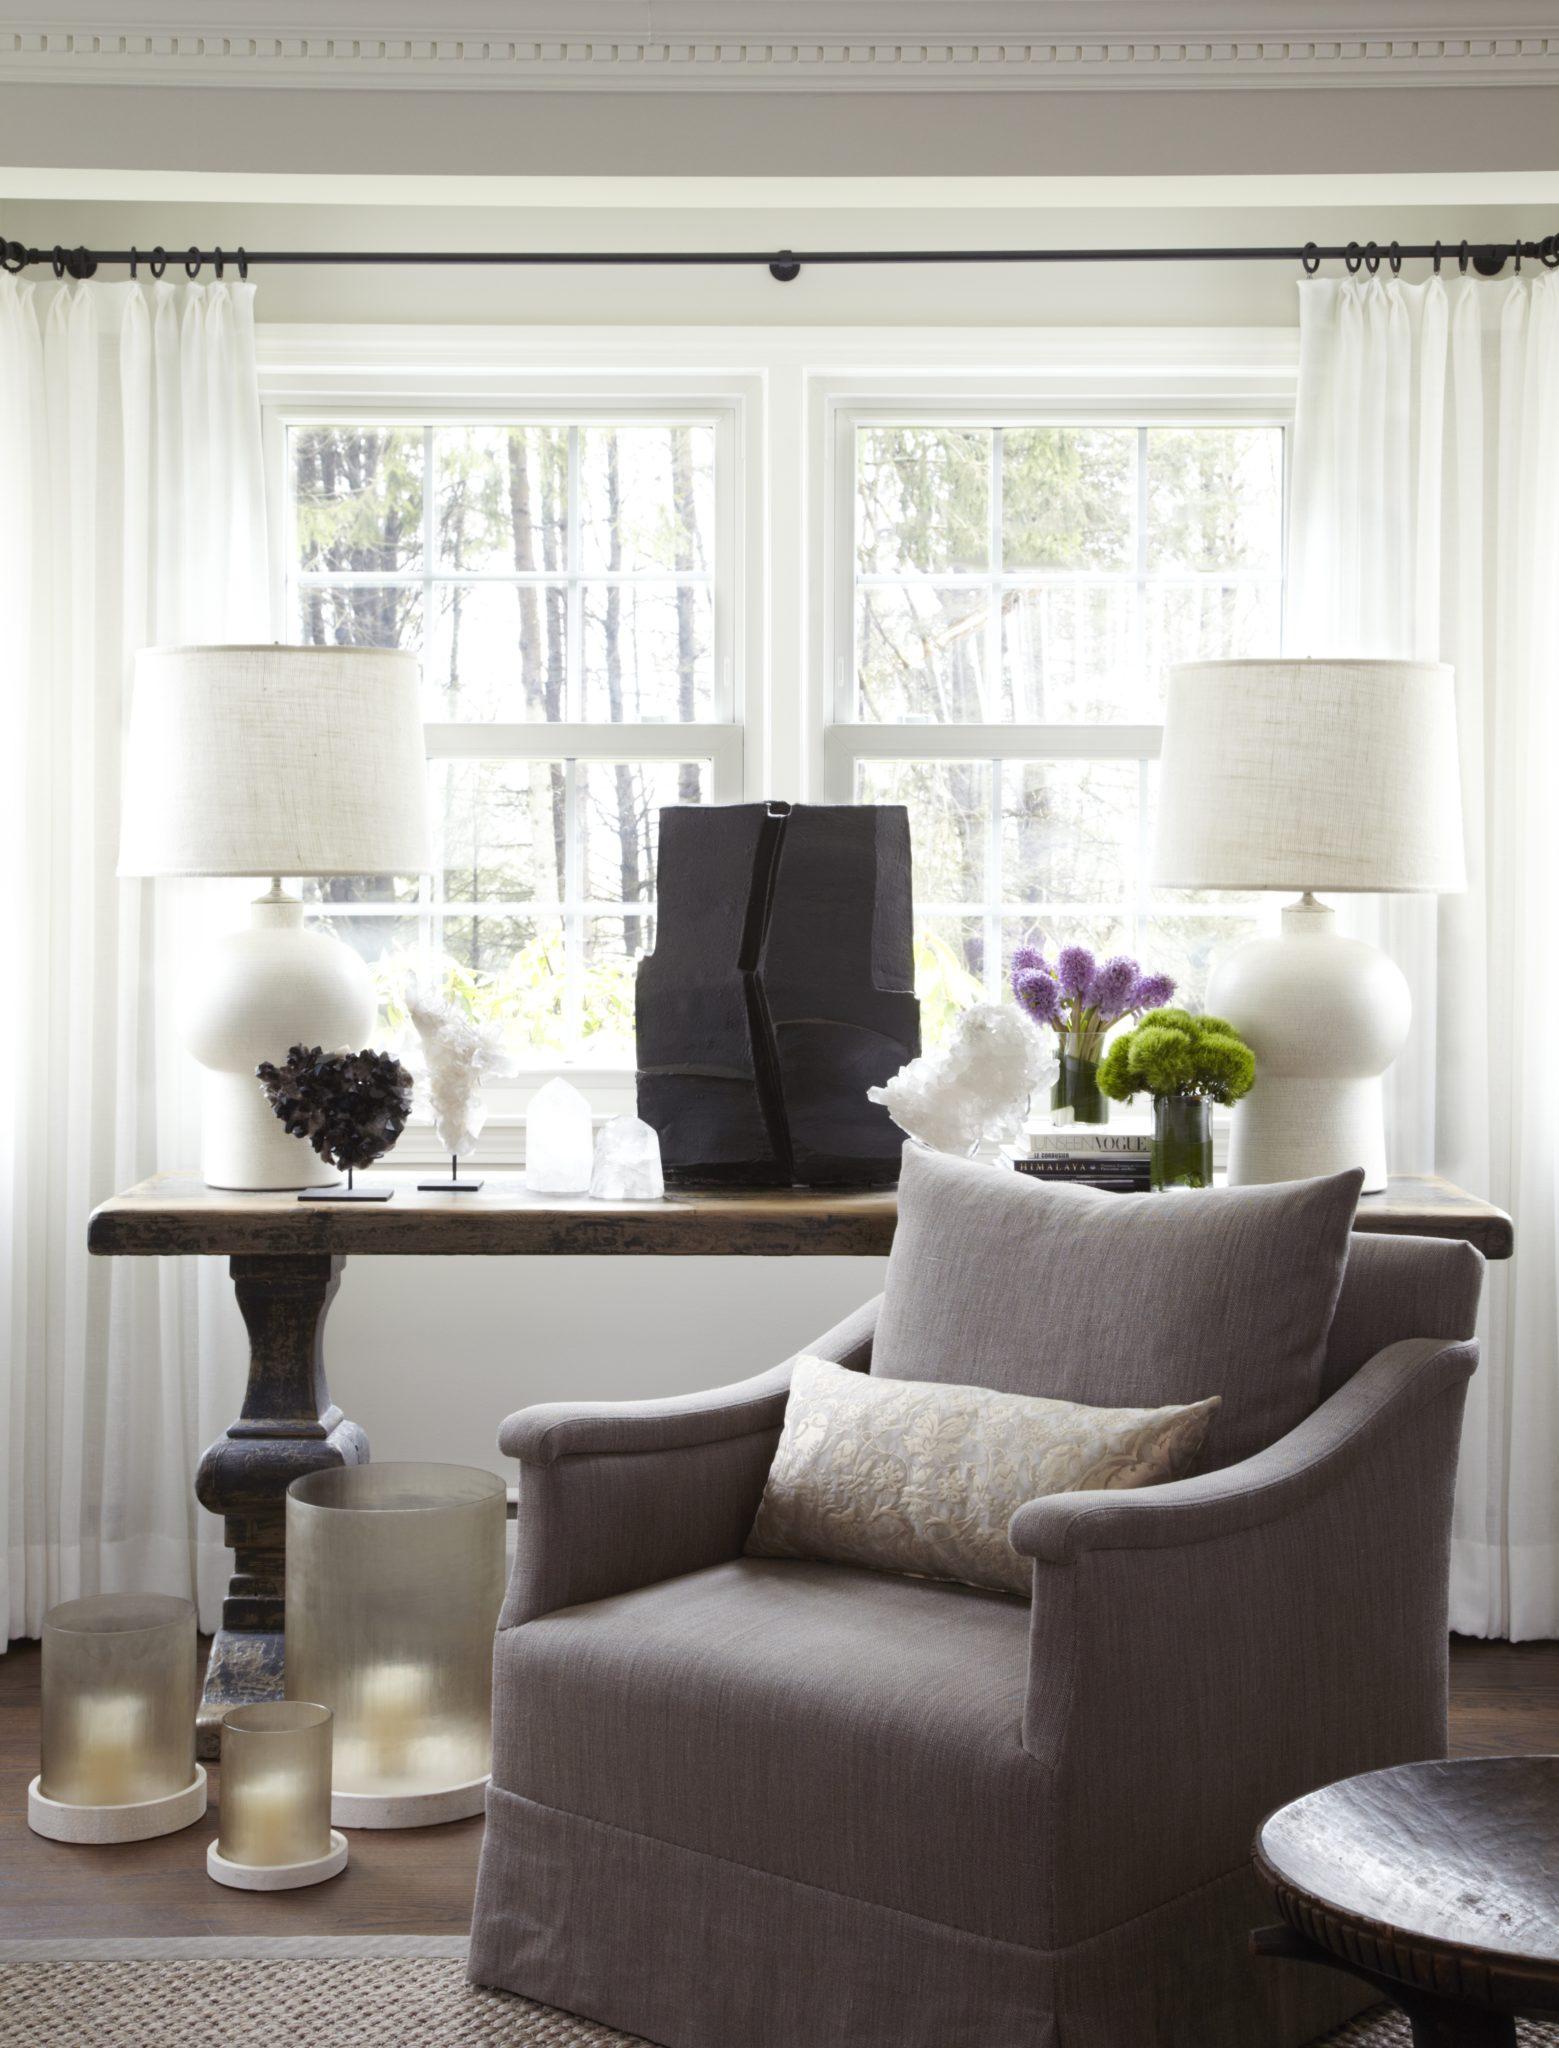 Connecticut residence - living room by Bennett Leifer Interiors